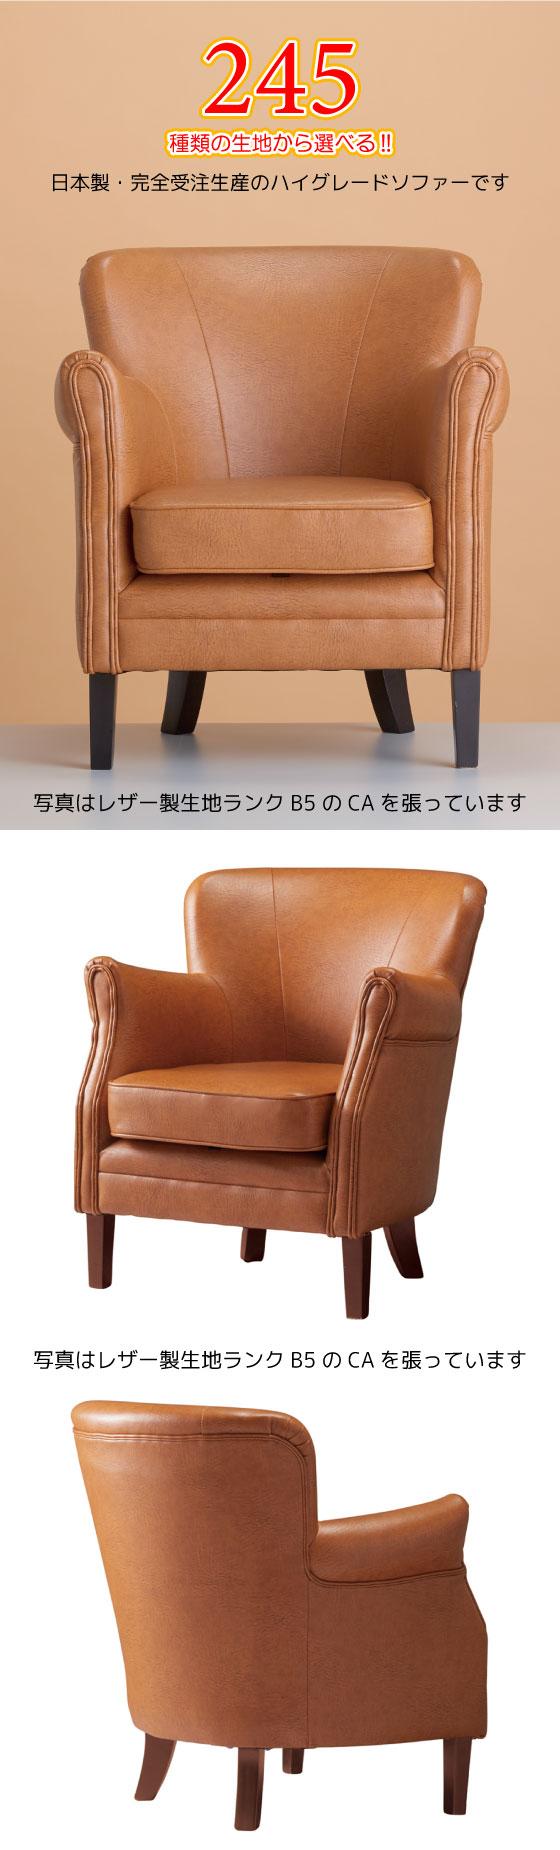 幅68cm・レザー&布ファブリック製・1人掛けソファー(選べる245タイプ)